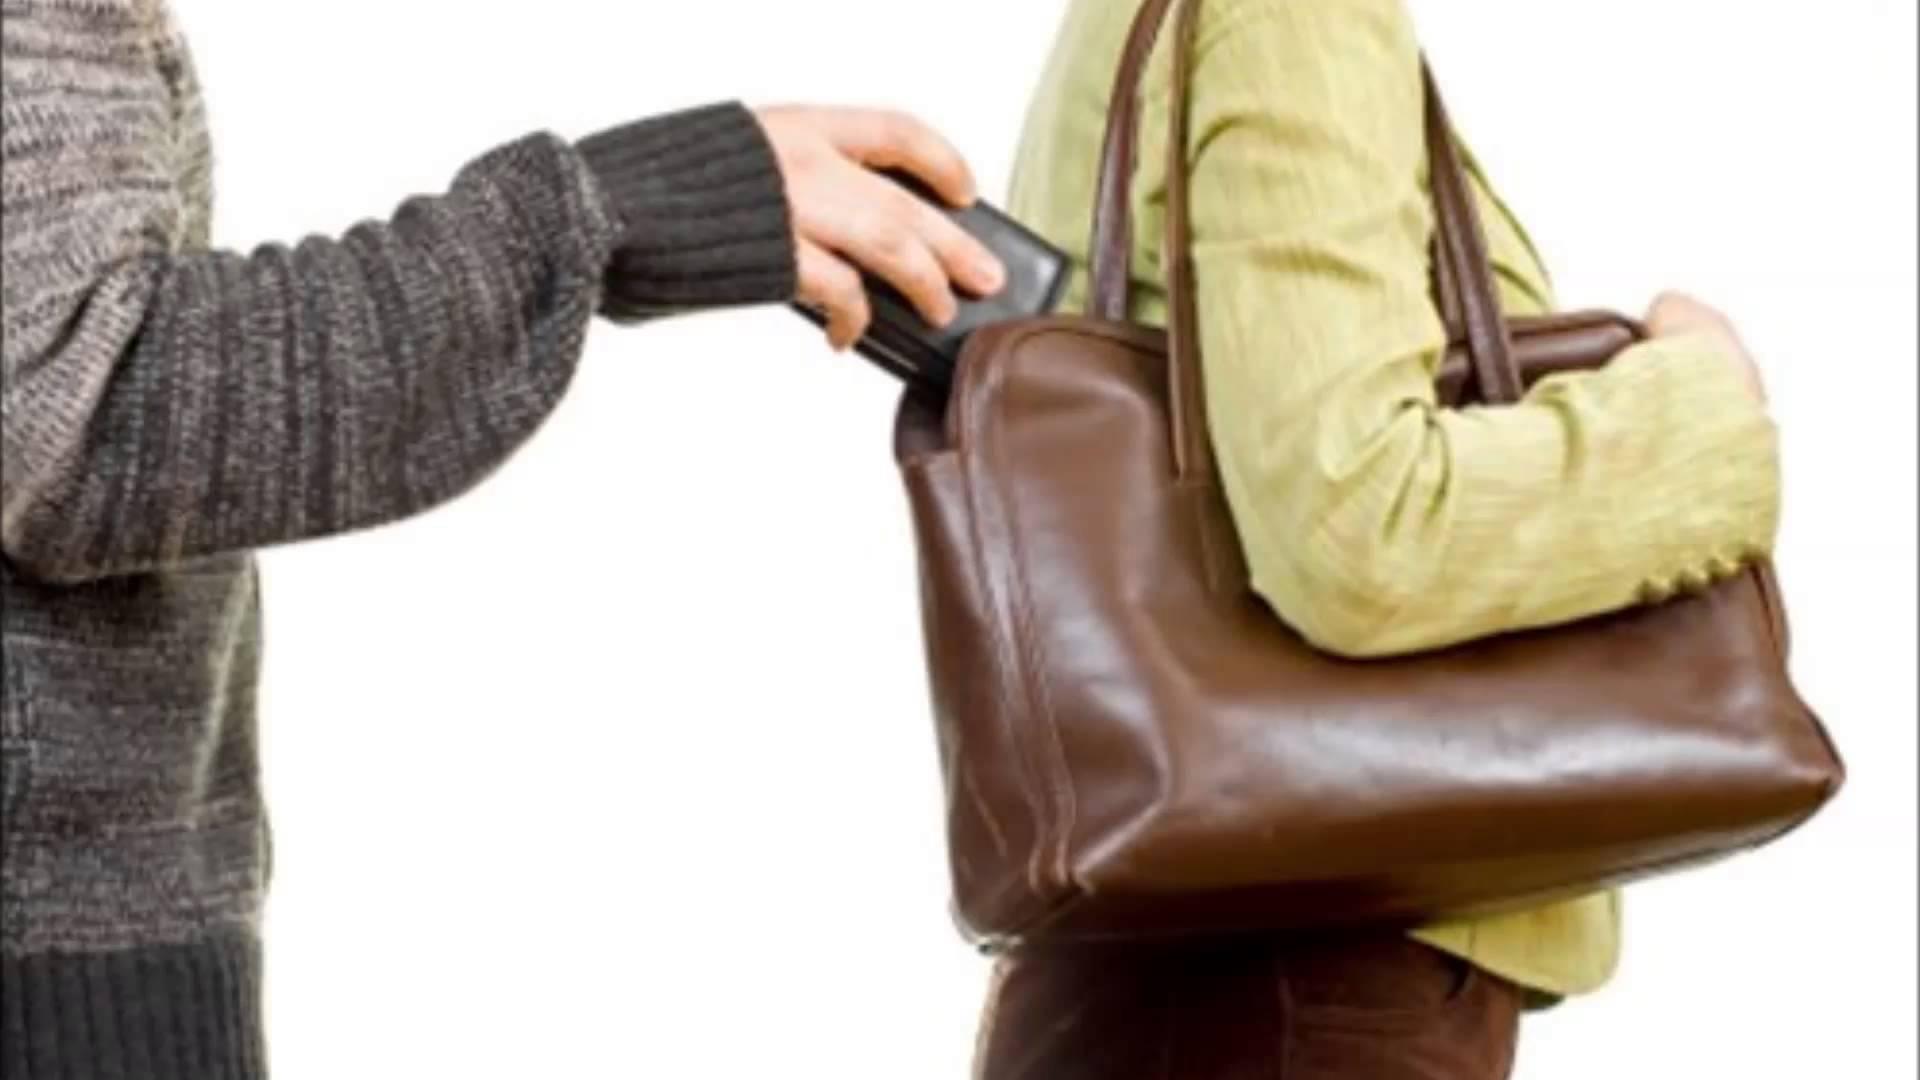 Du lịch nước ngoài bị móc túi, bạn cần làm gì?